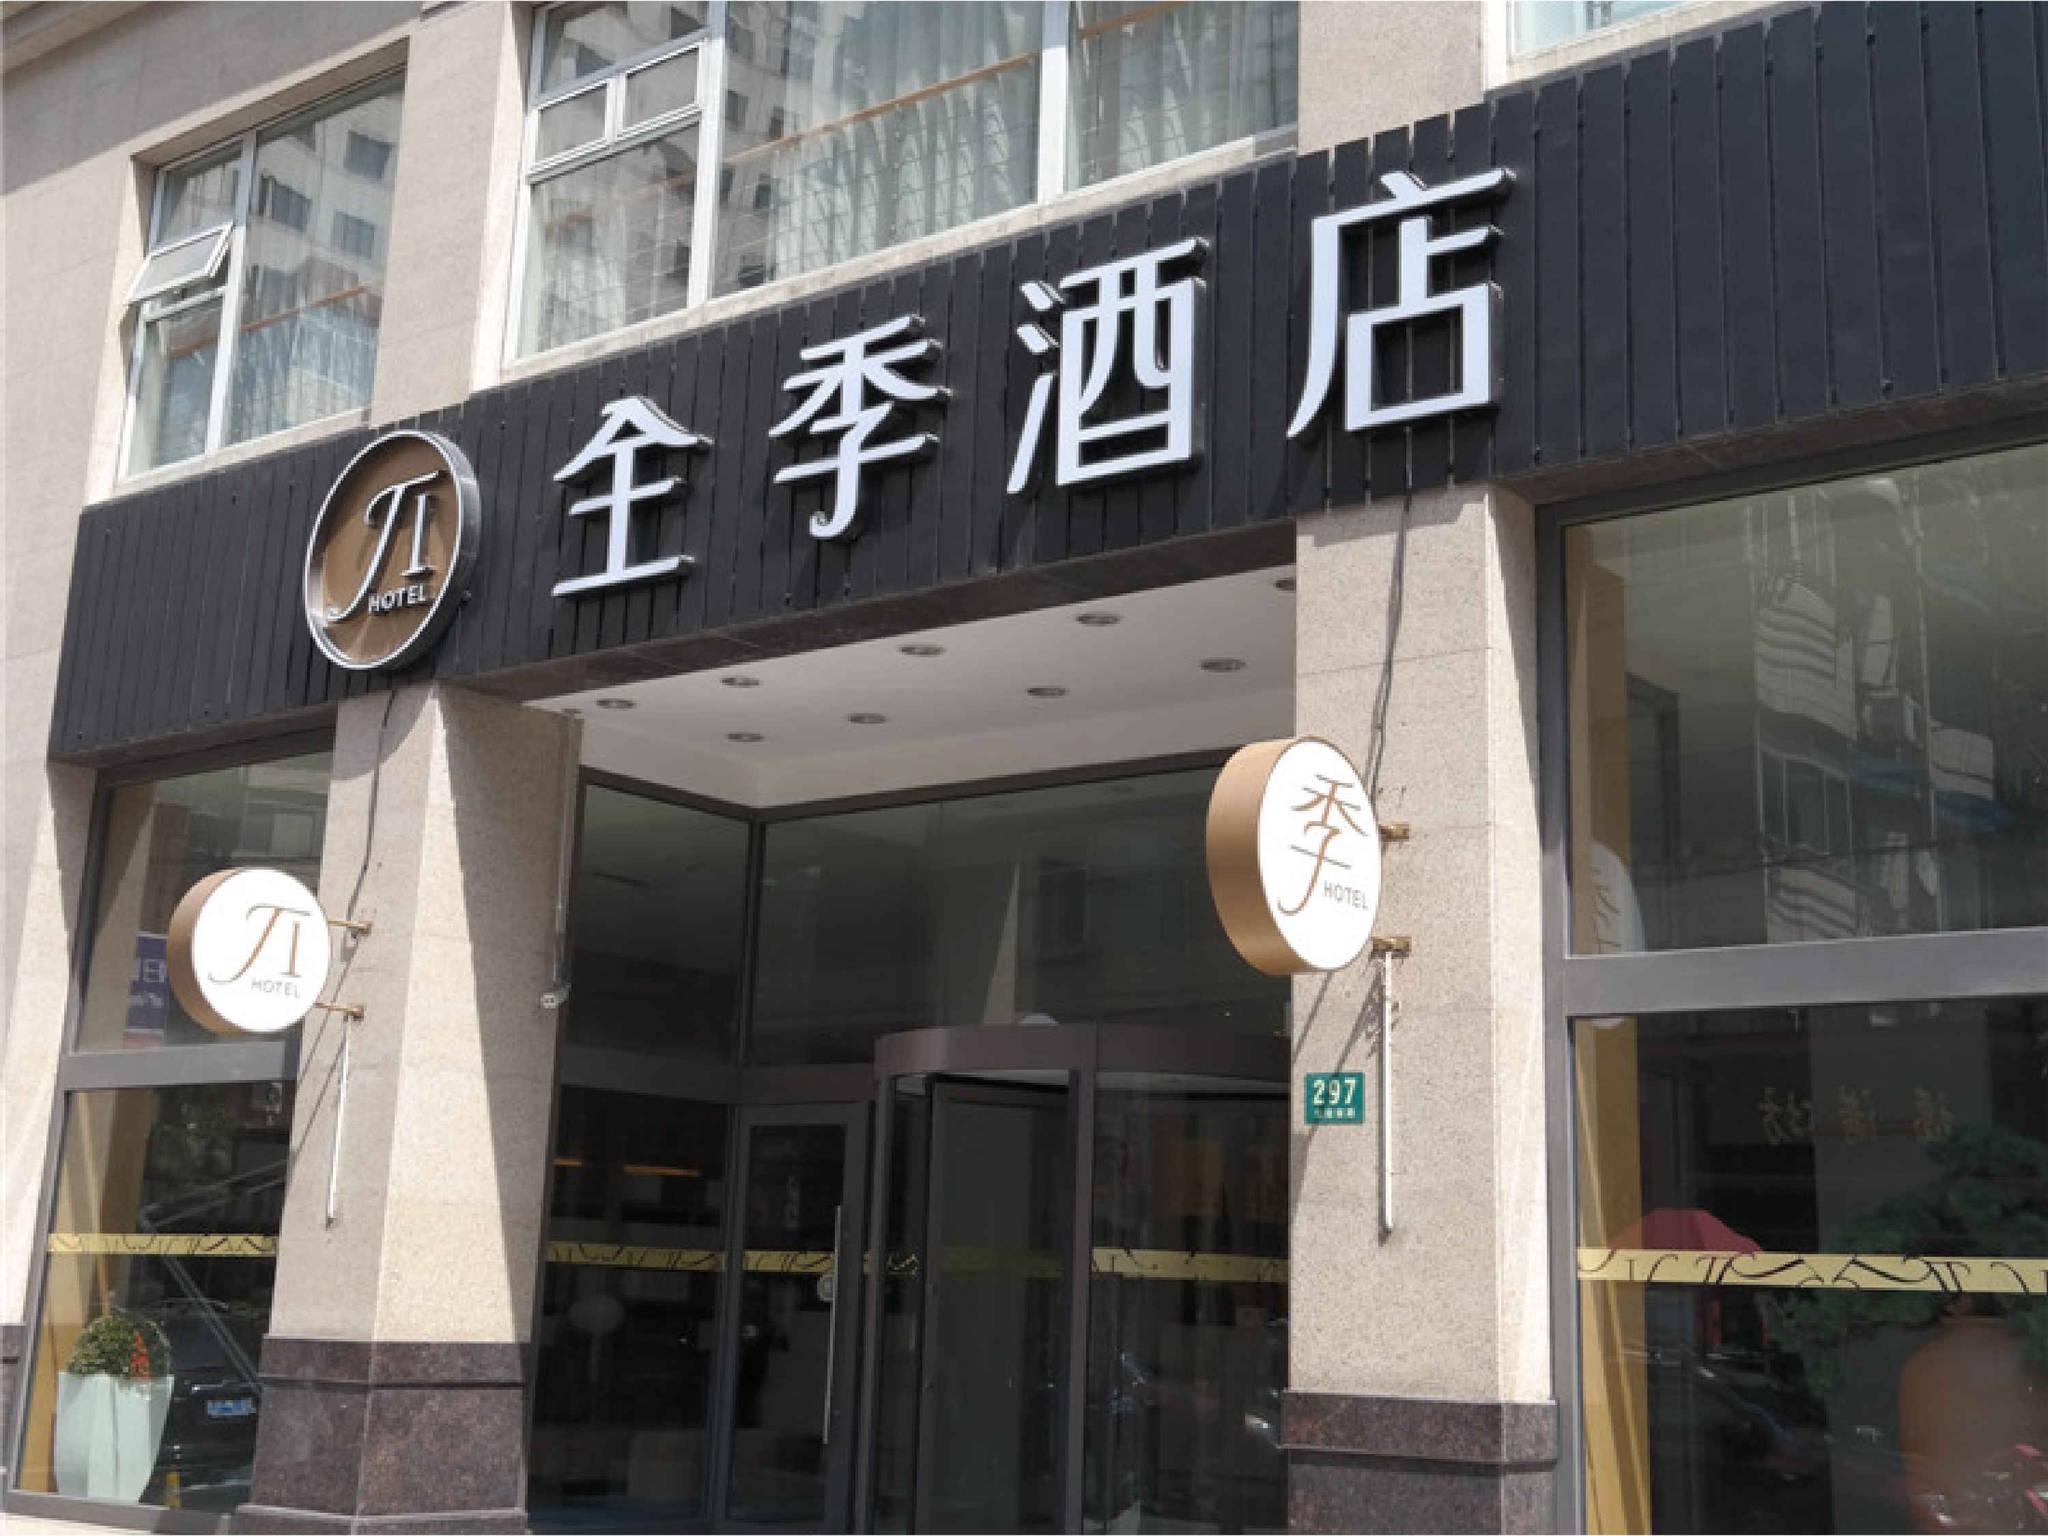 Hôtel - Ji Hotel Shanghai Huaihai road